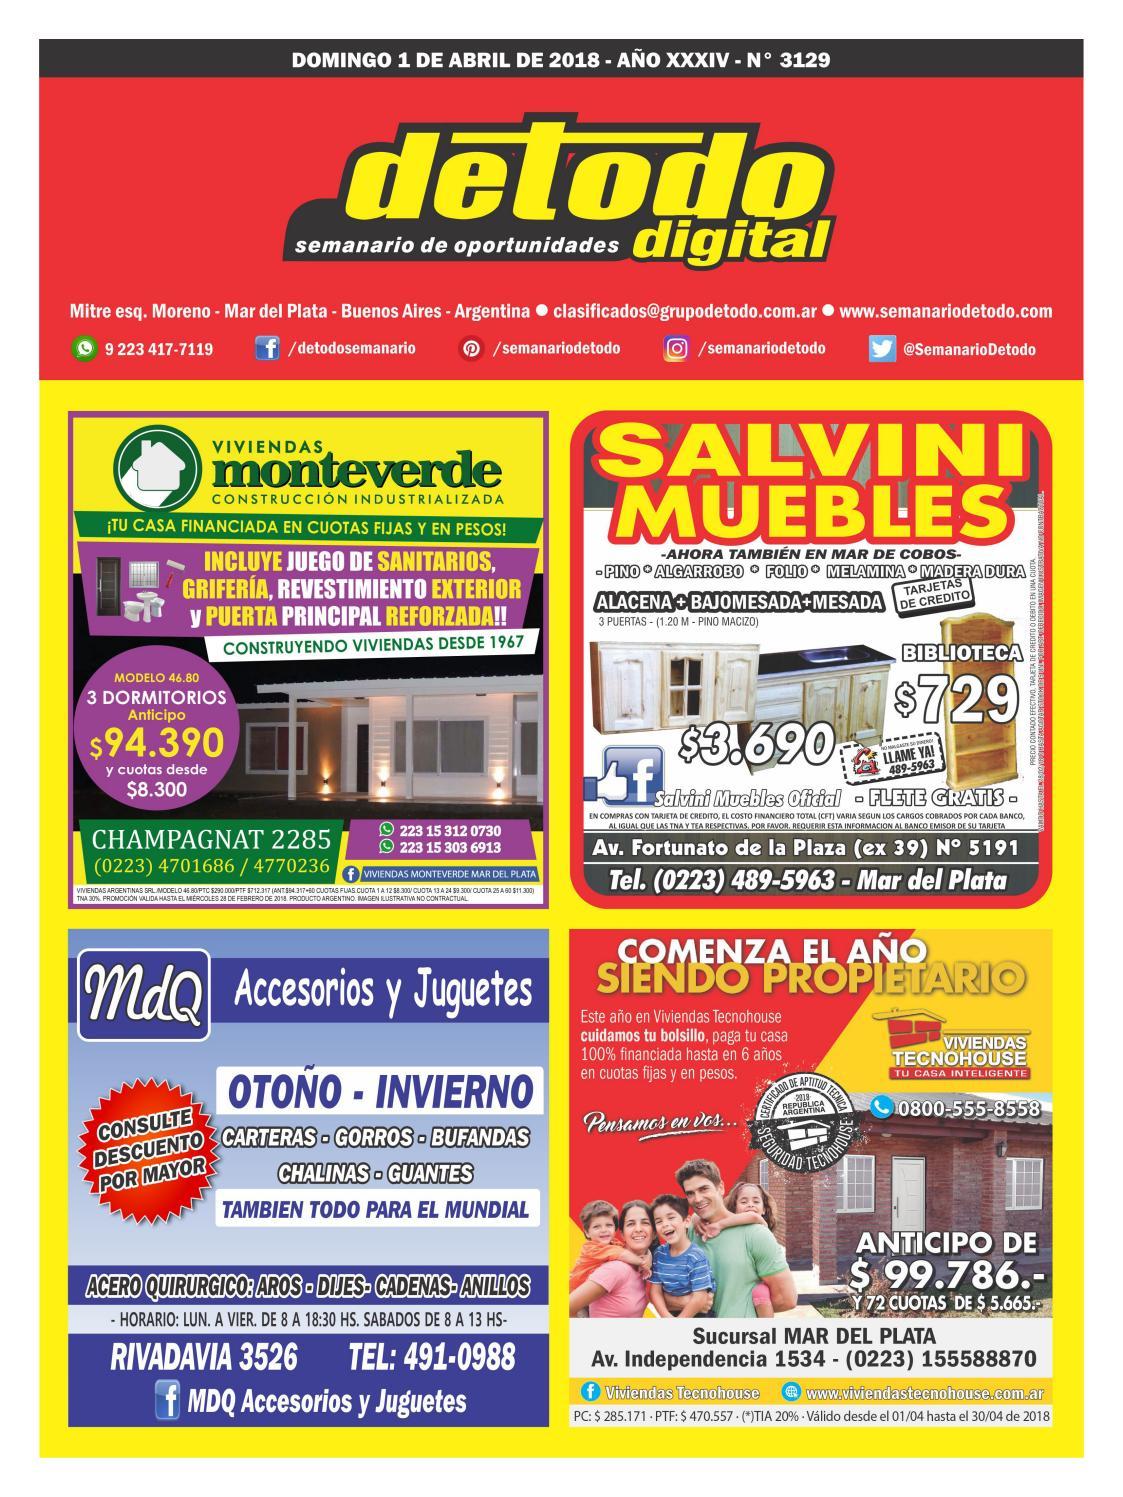 Semanario Detodo Digital - Edición N° 3129 - 01/04/2018 by Semanario Detodo  - issuu